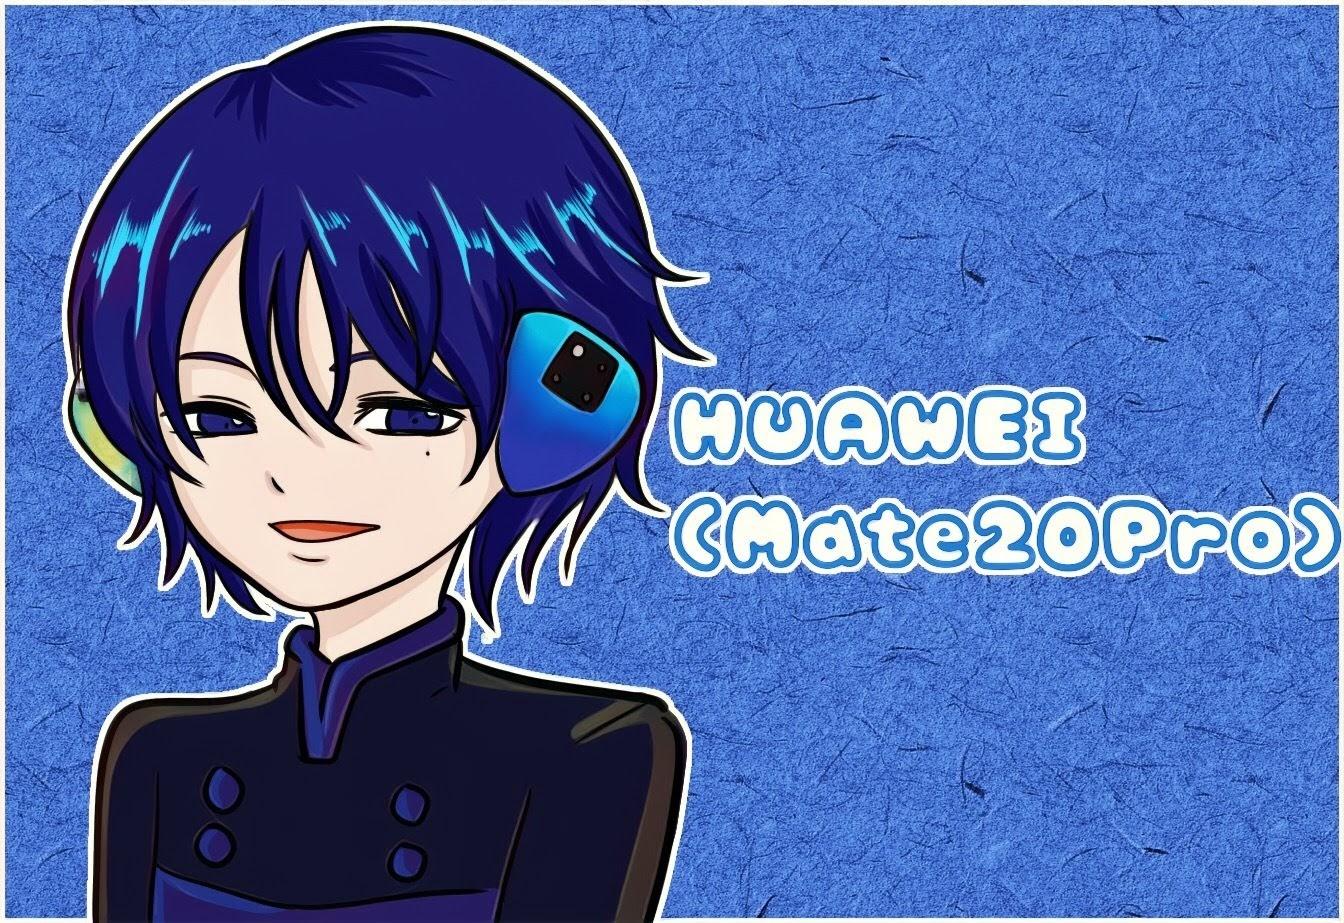 HUAWEI Mate 20 Proとは?